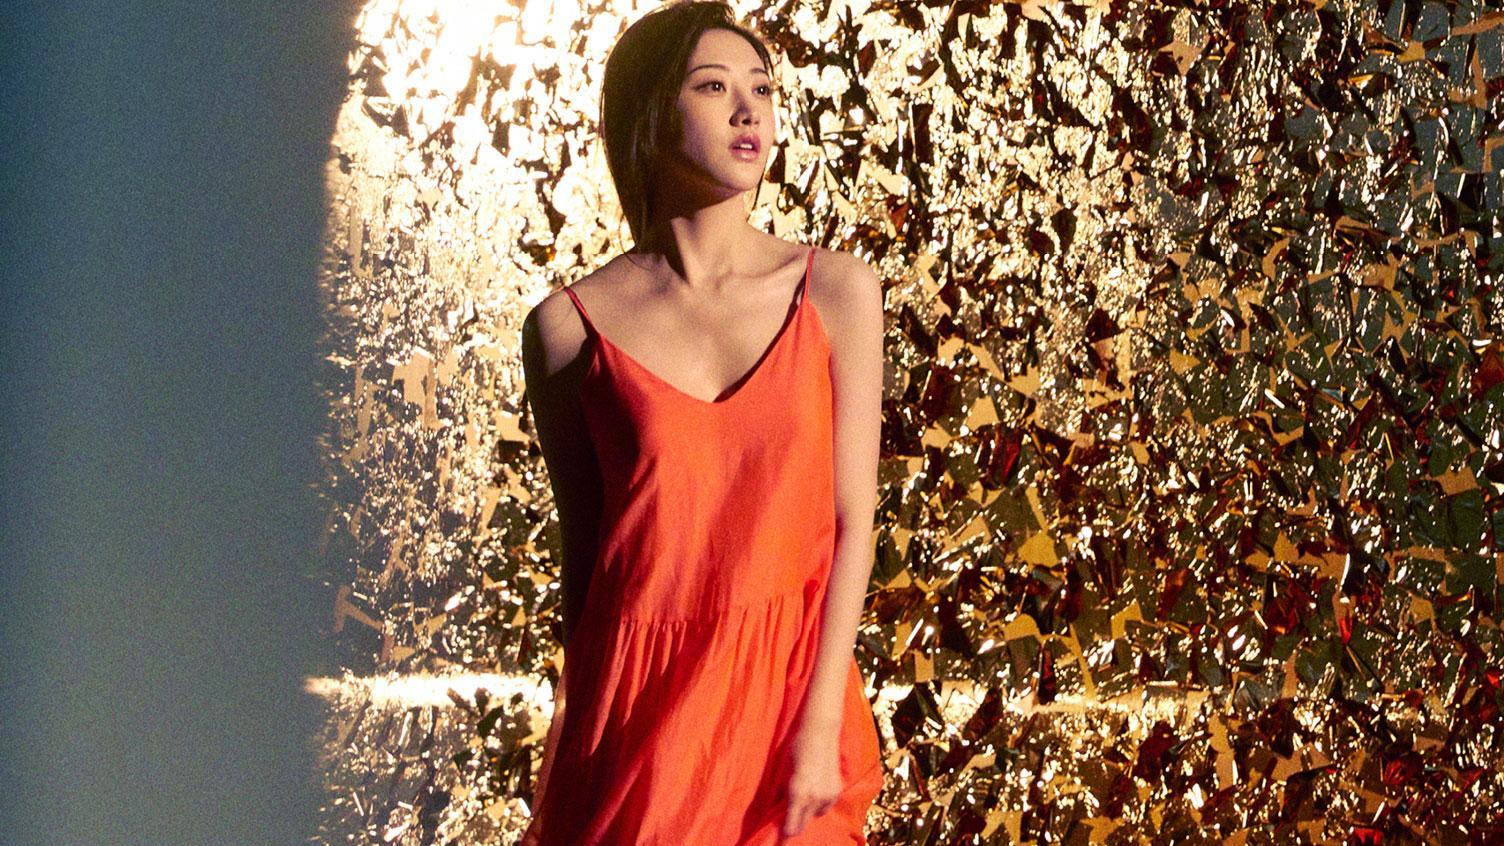 景甜这是什么神仙颜值,穿大红色轻纱层叠裙,配珍珠耳环明艳甜美